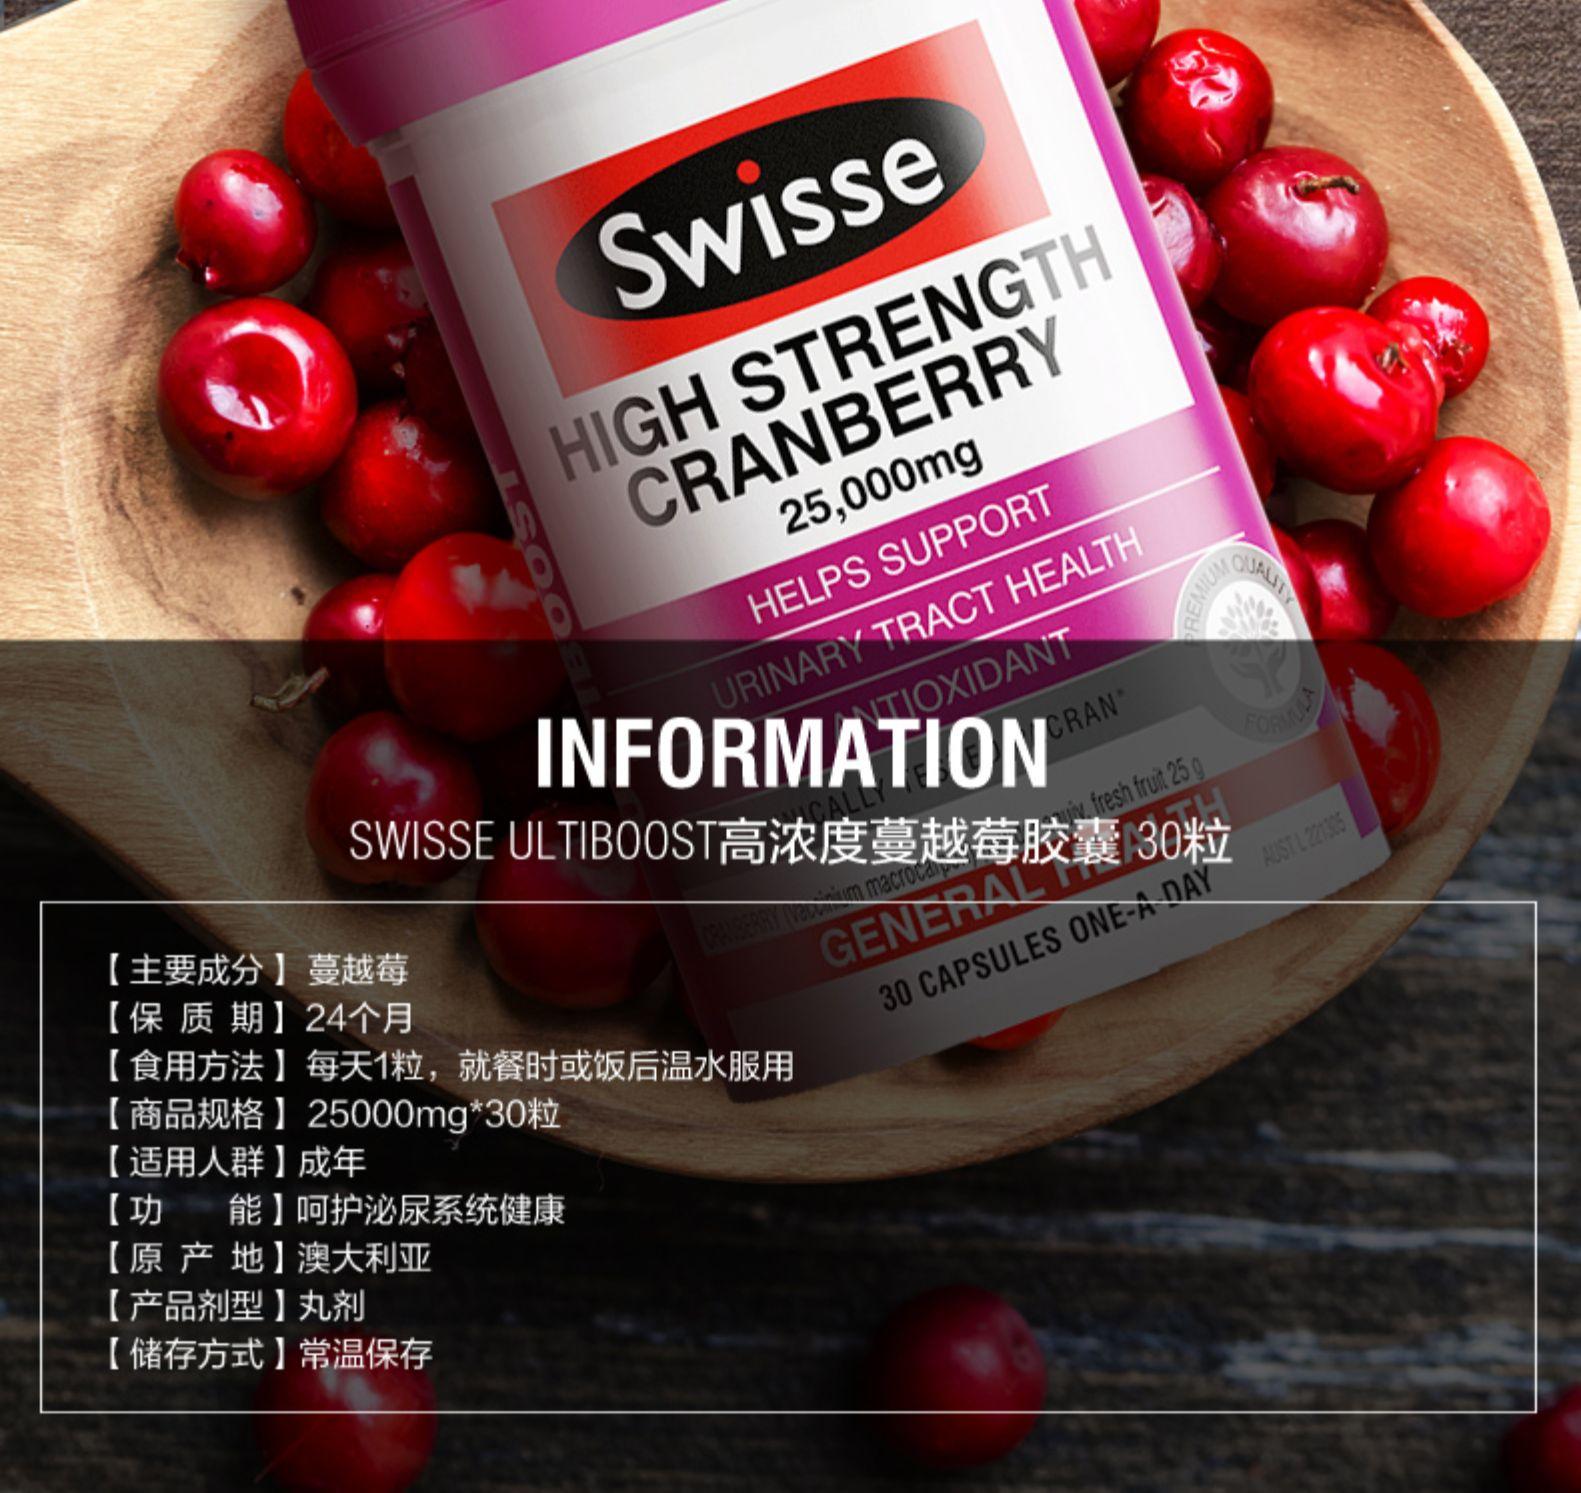 澳洲进口swisse高浓缩蔓越莓胶囊呵护泌尿系统30粒高浓度PACran¥125.00 我们的产品 第10张